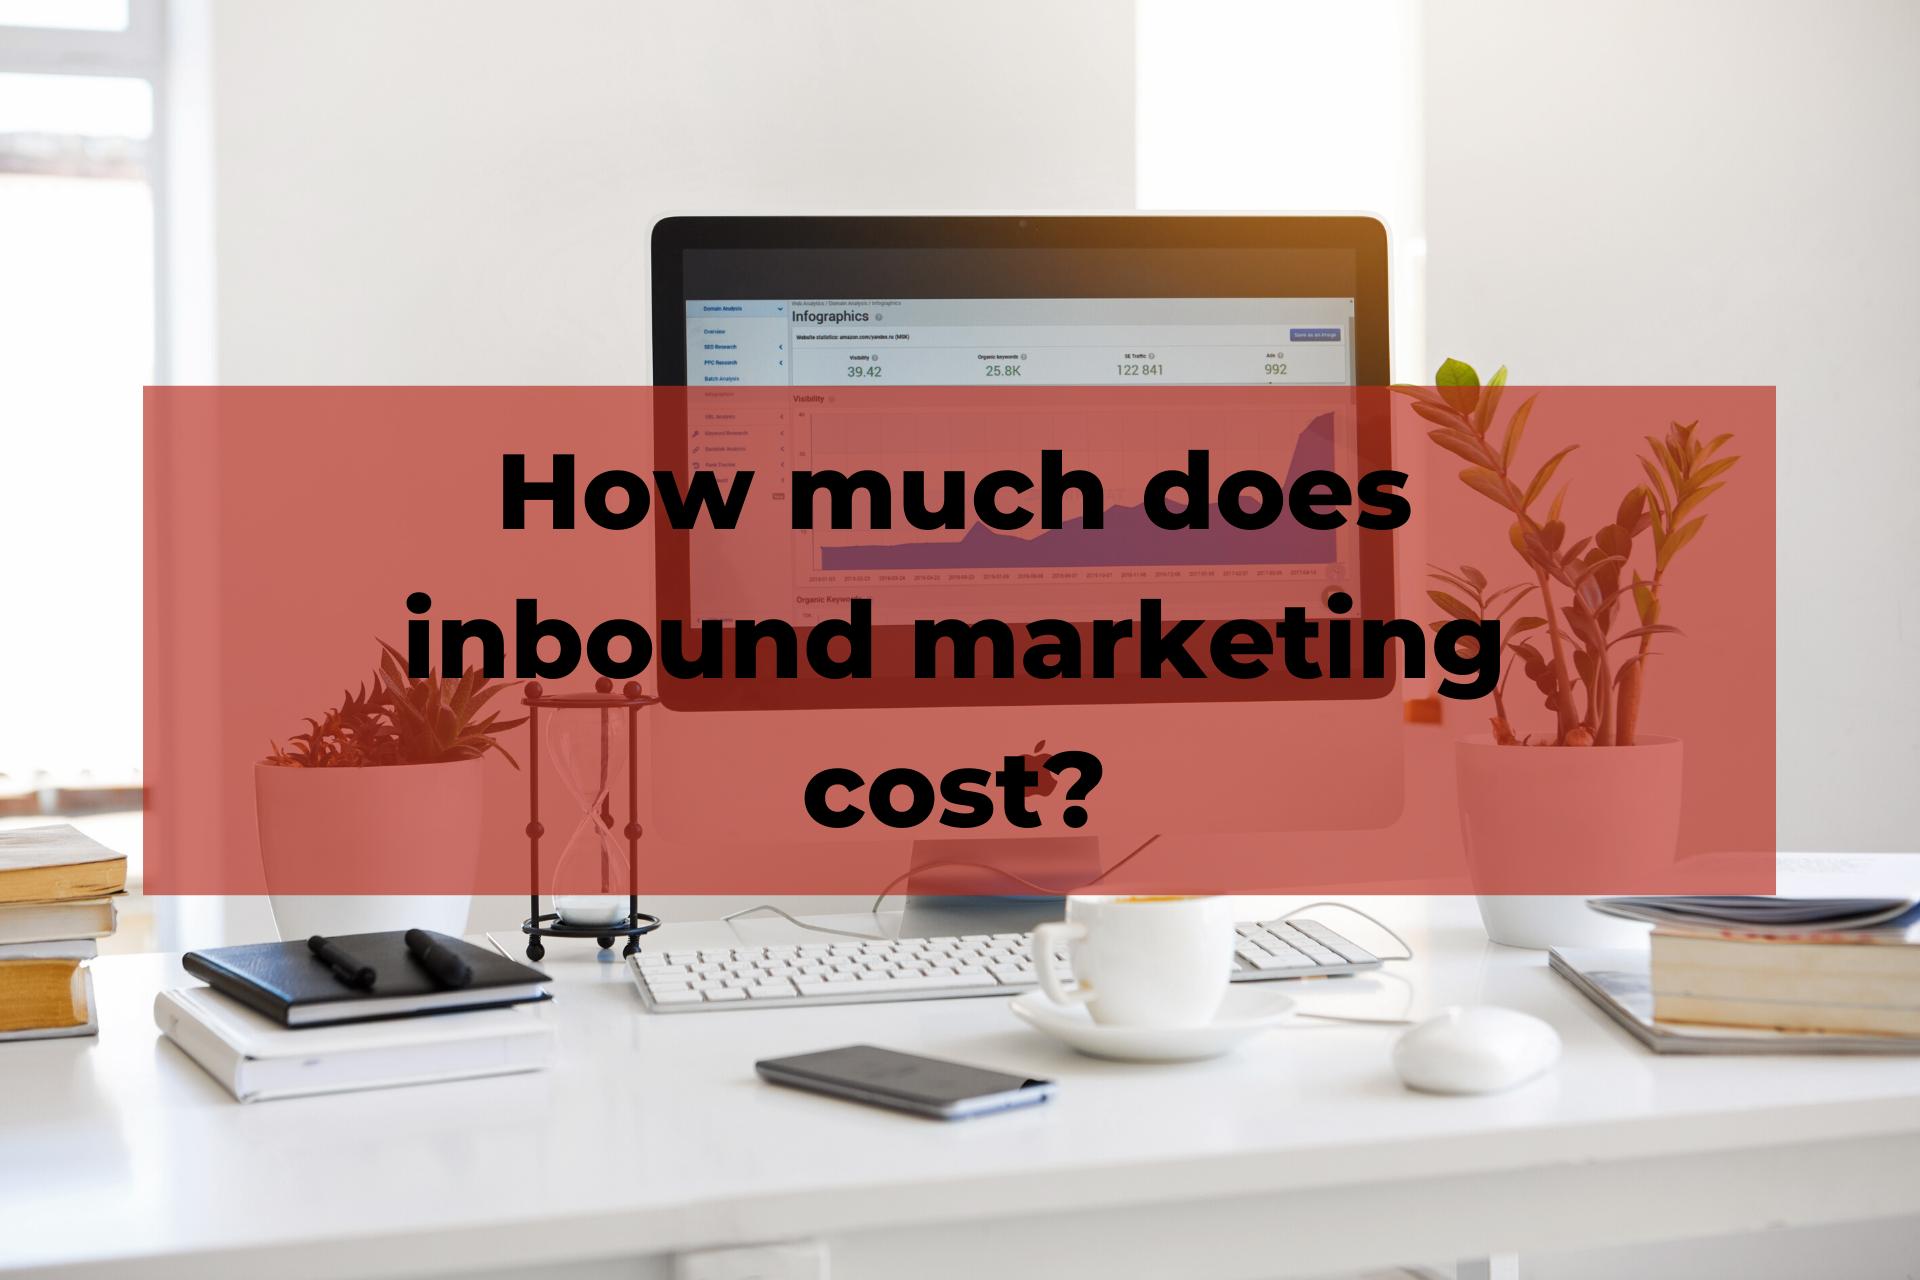 Inbound marketing cost